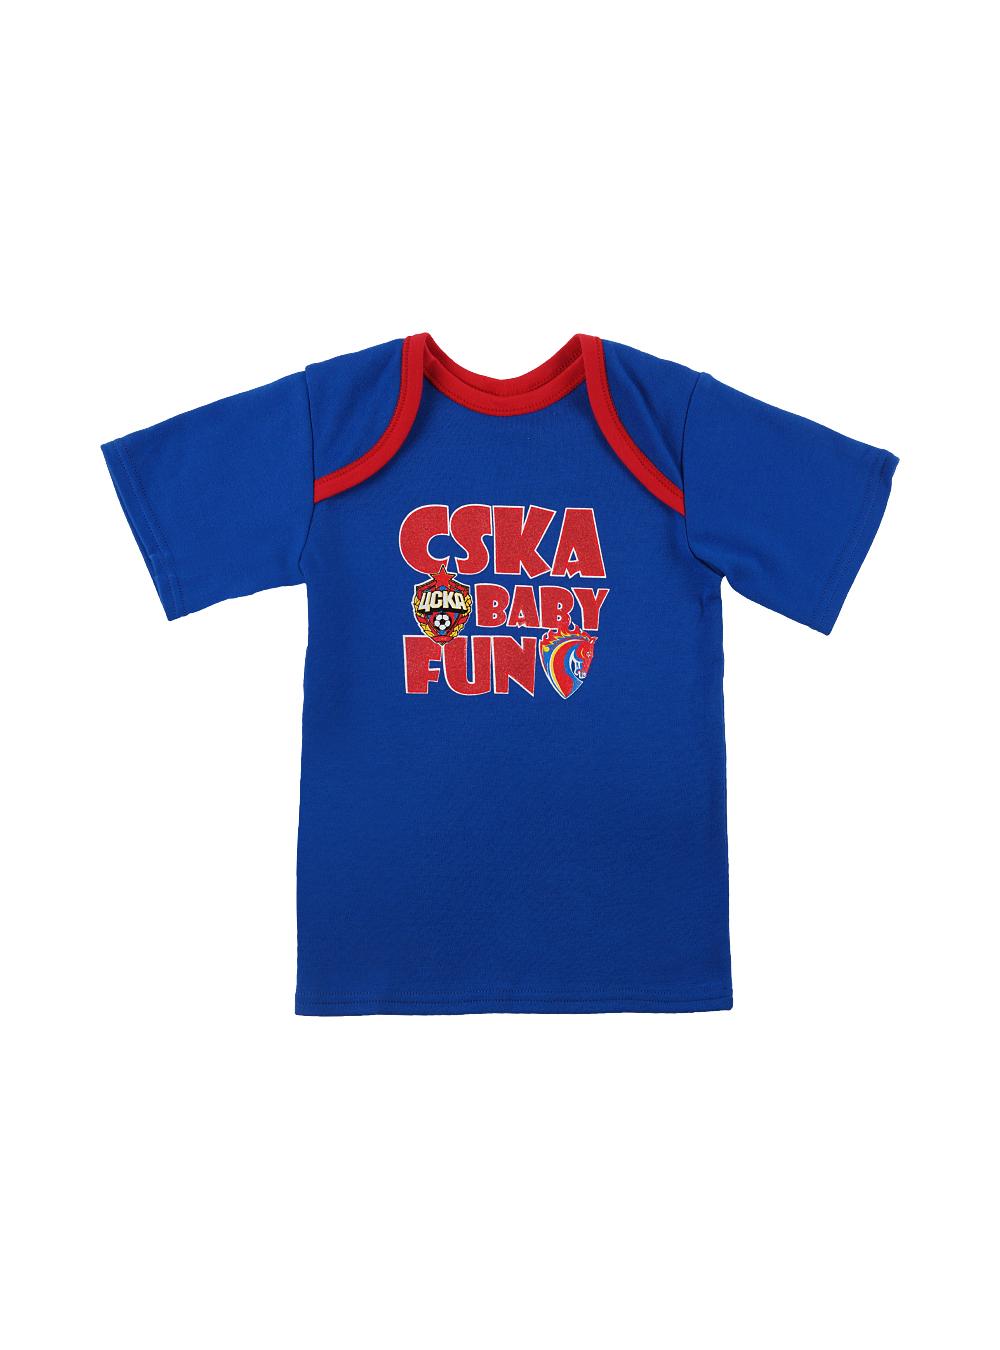 Футболка с коротким рукавом CSKA BABY FUN, цвет синий (30(98-104))Для самых маленьких<br>Футболка с коротким рукавом CSKA BABY FUN, цвет синий<br>